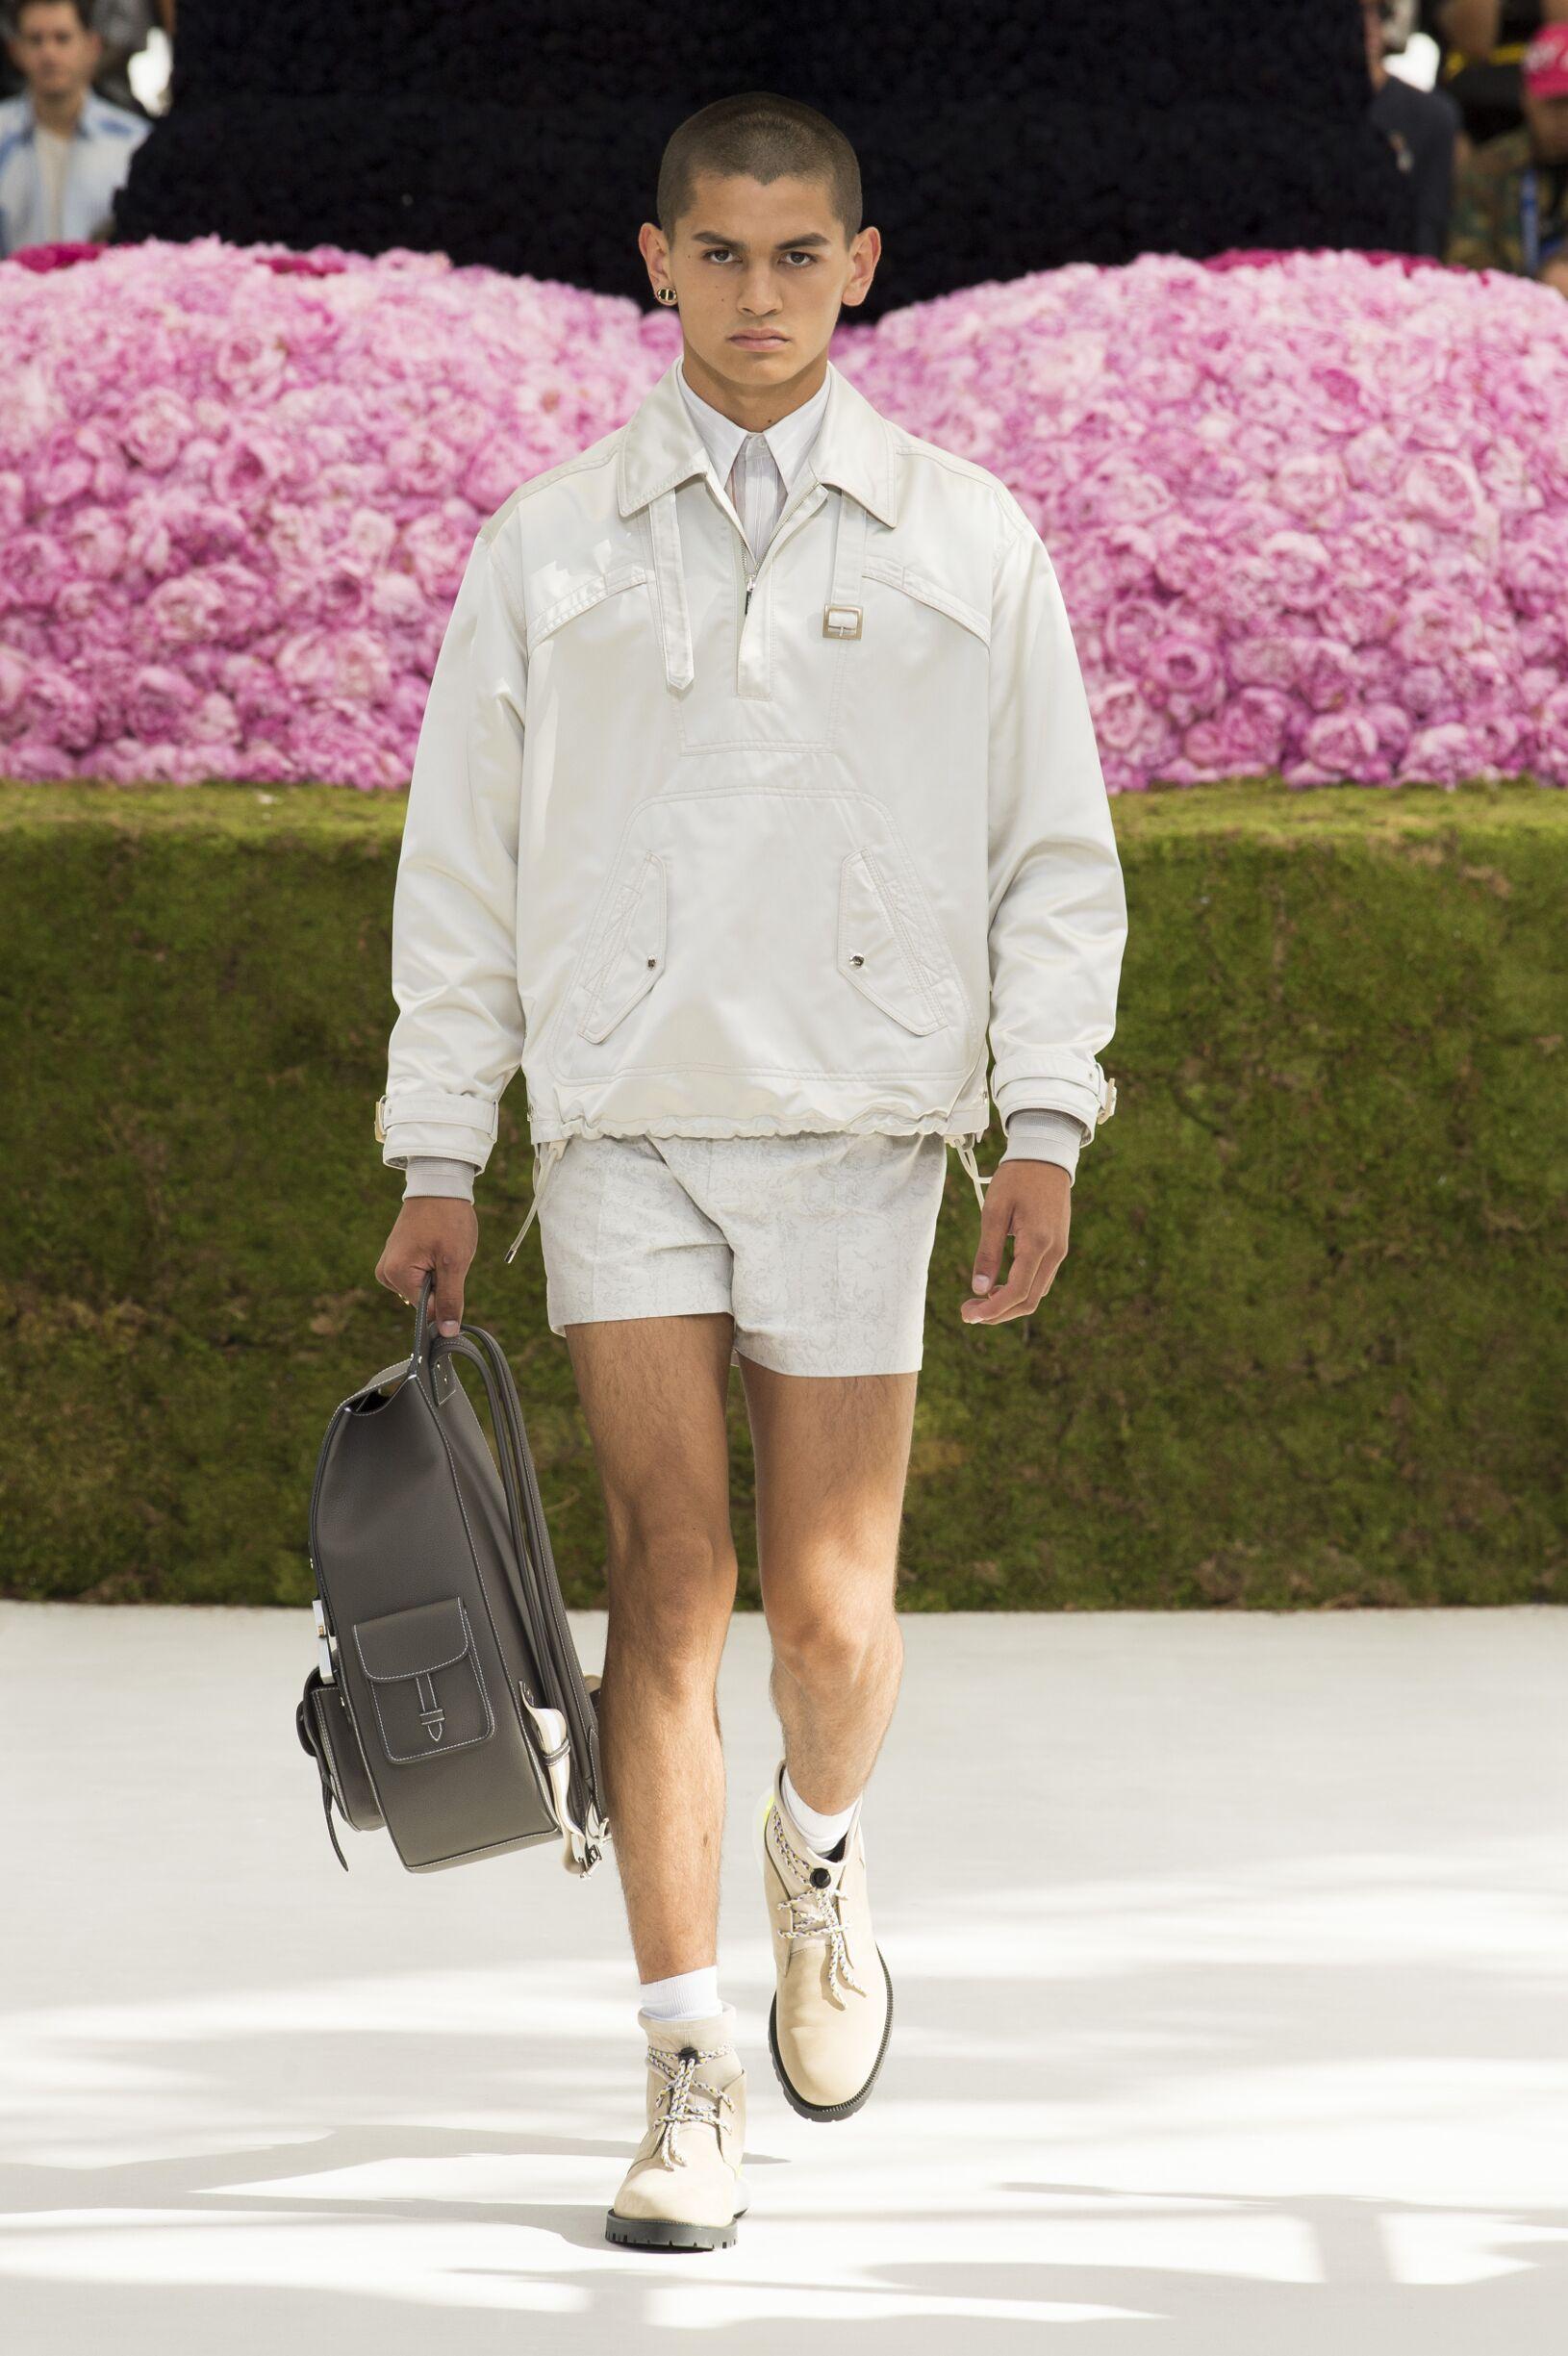 Fashion Model Dior Catwalk